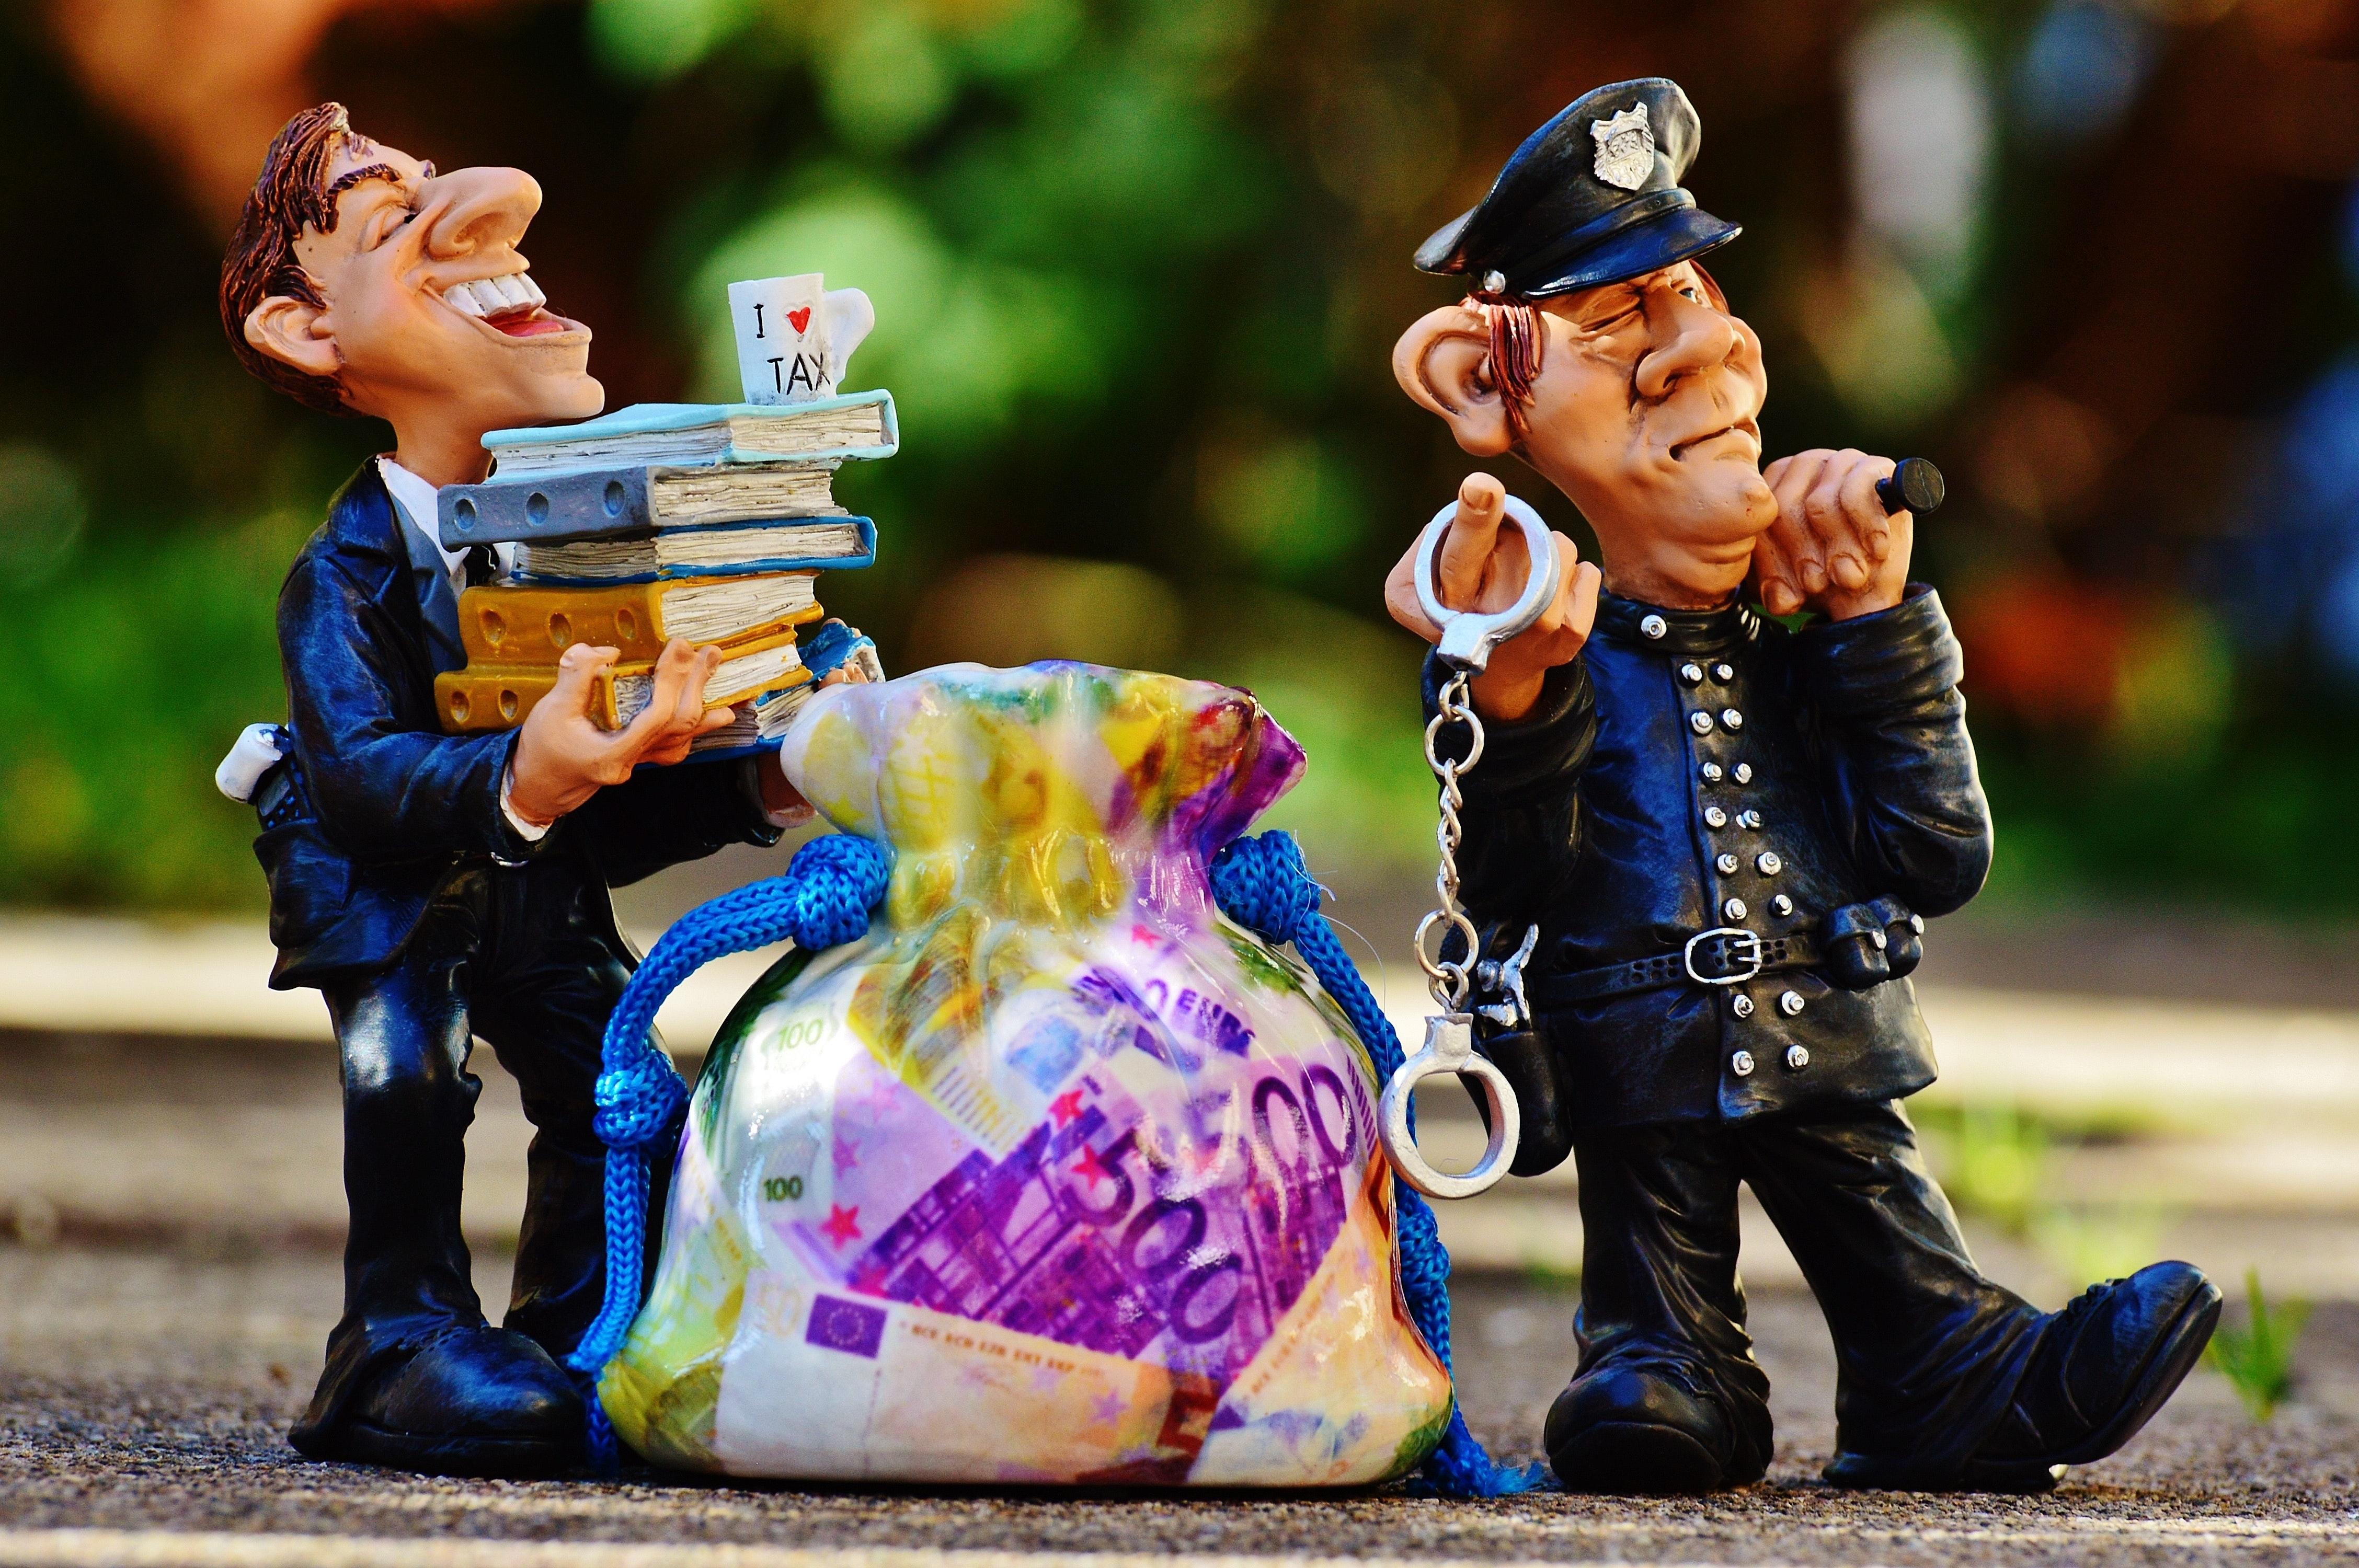 Zryczałtowana tabla opłat w leasingu – jak działa? Czy warto?